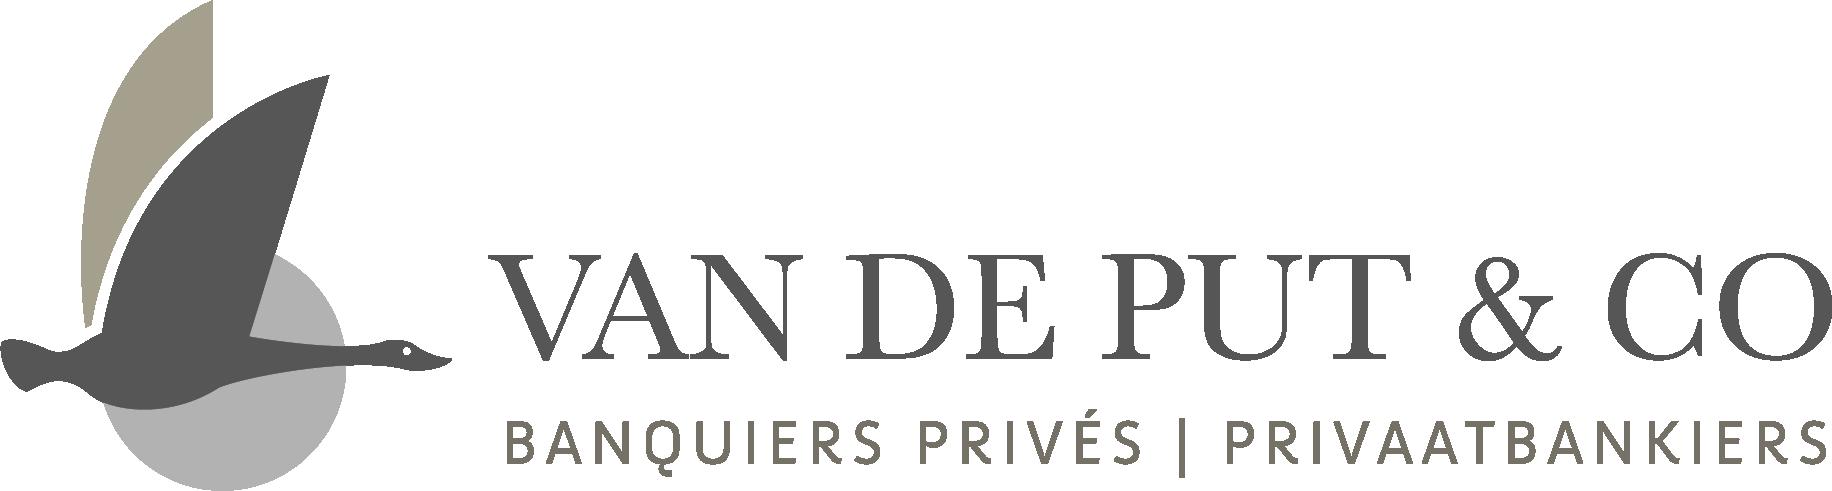 VAN DE PUT & CO Banquiers Privés | Privaatbankiers